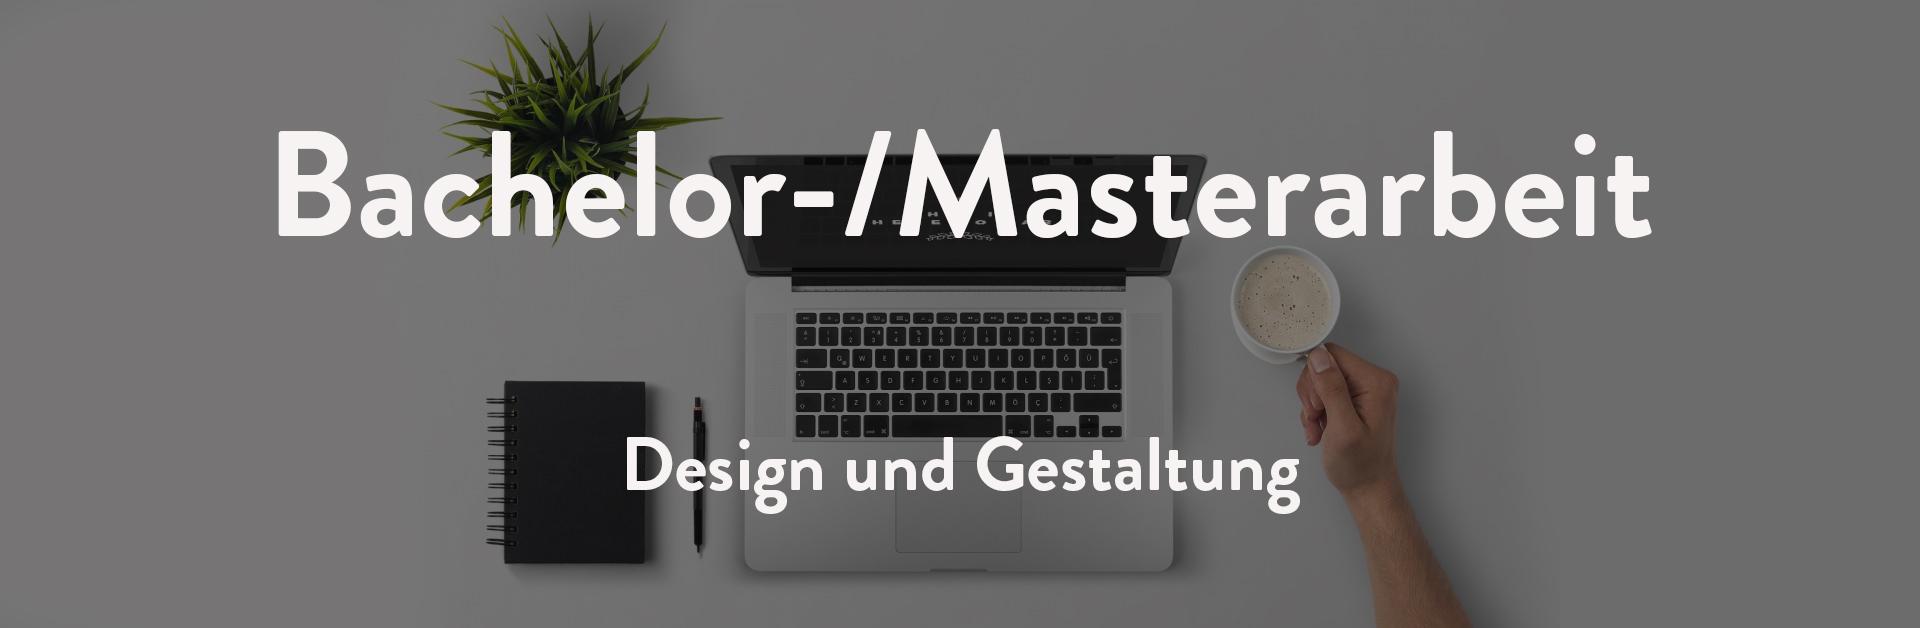 BA MA Design und Gestaltung